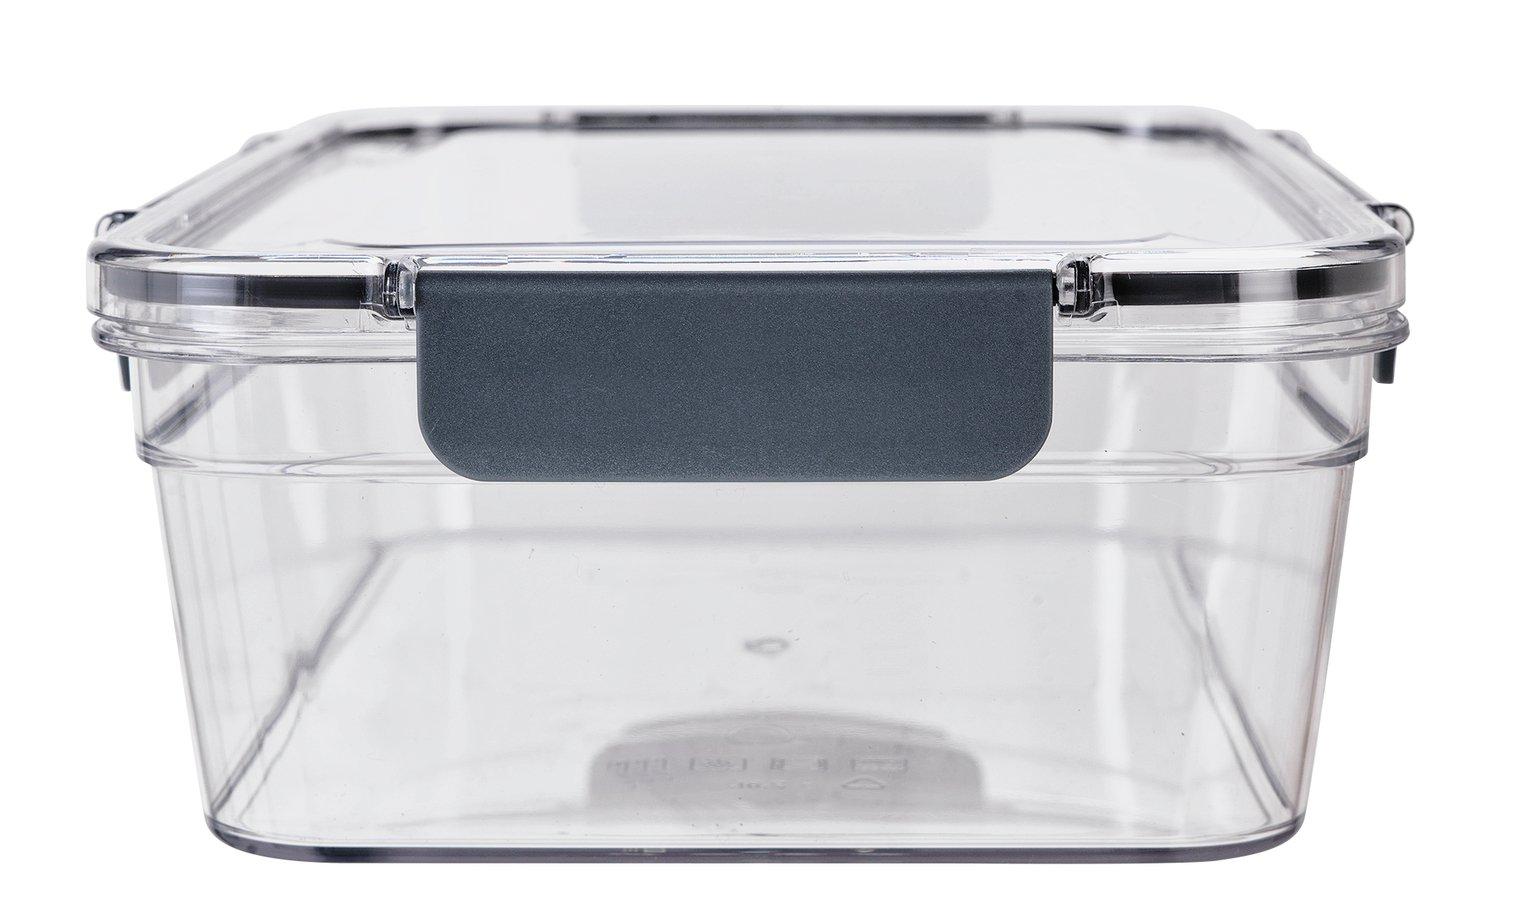 Argos Home Tritan Food Container - 2.5L